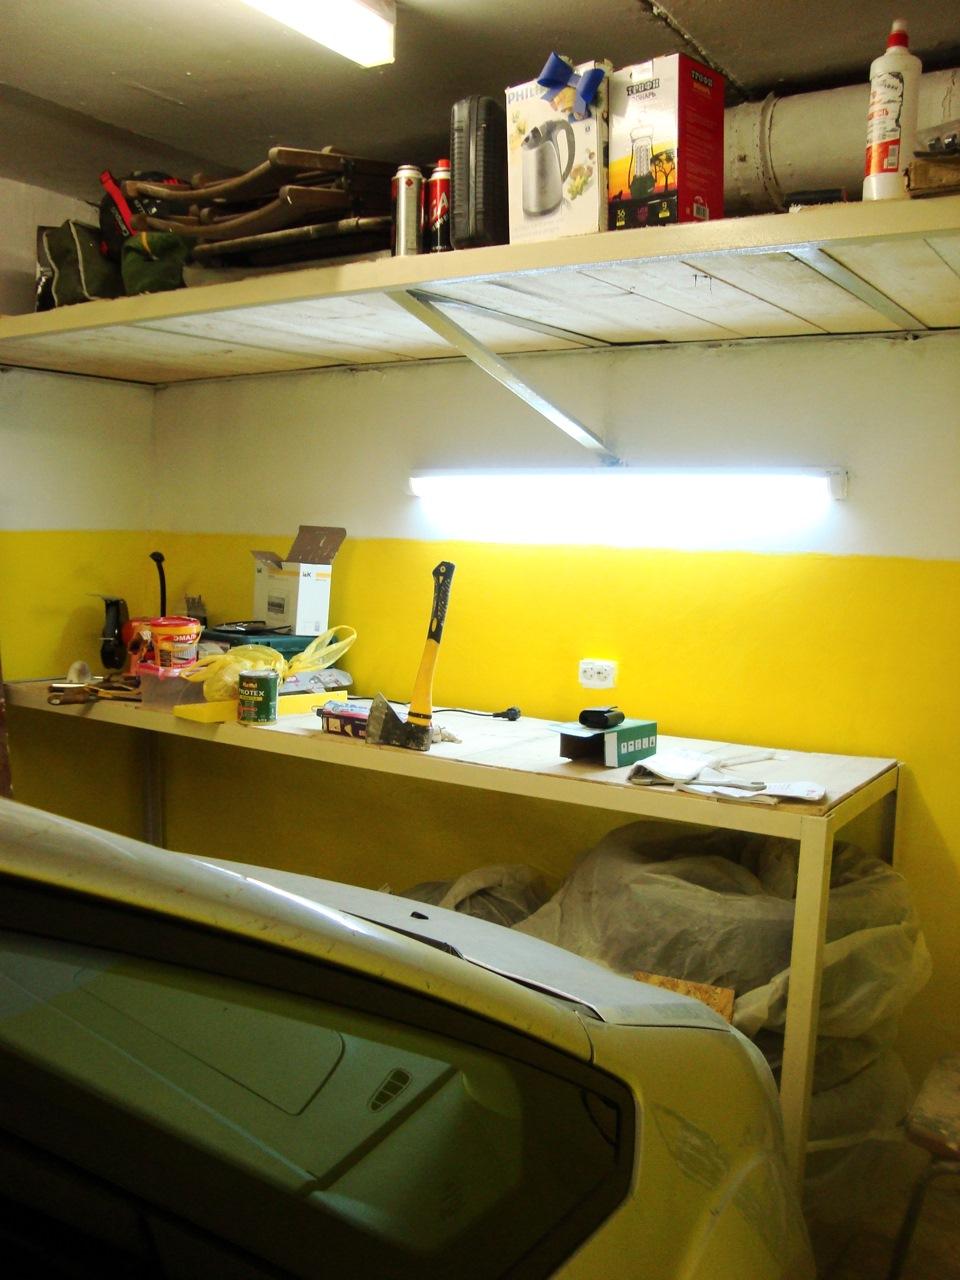 Дизайн гаража с желто-белыми крашеными стенами и полками под потолком по периметру